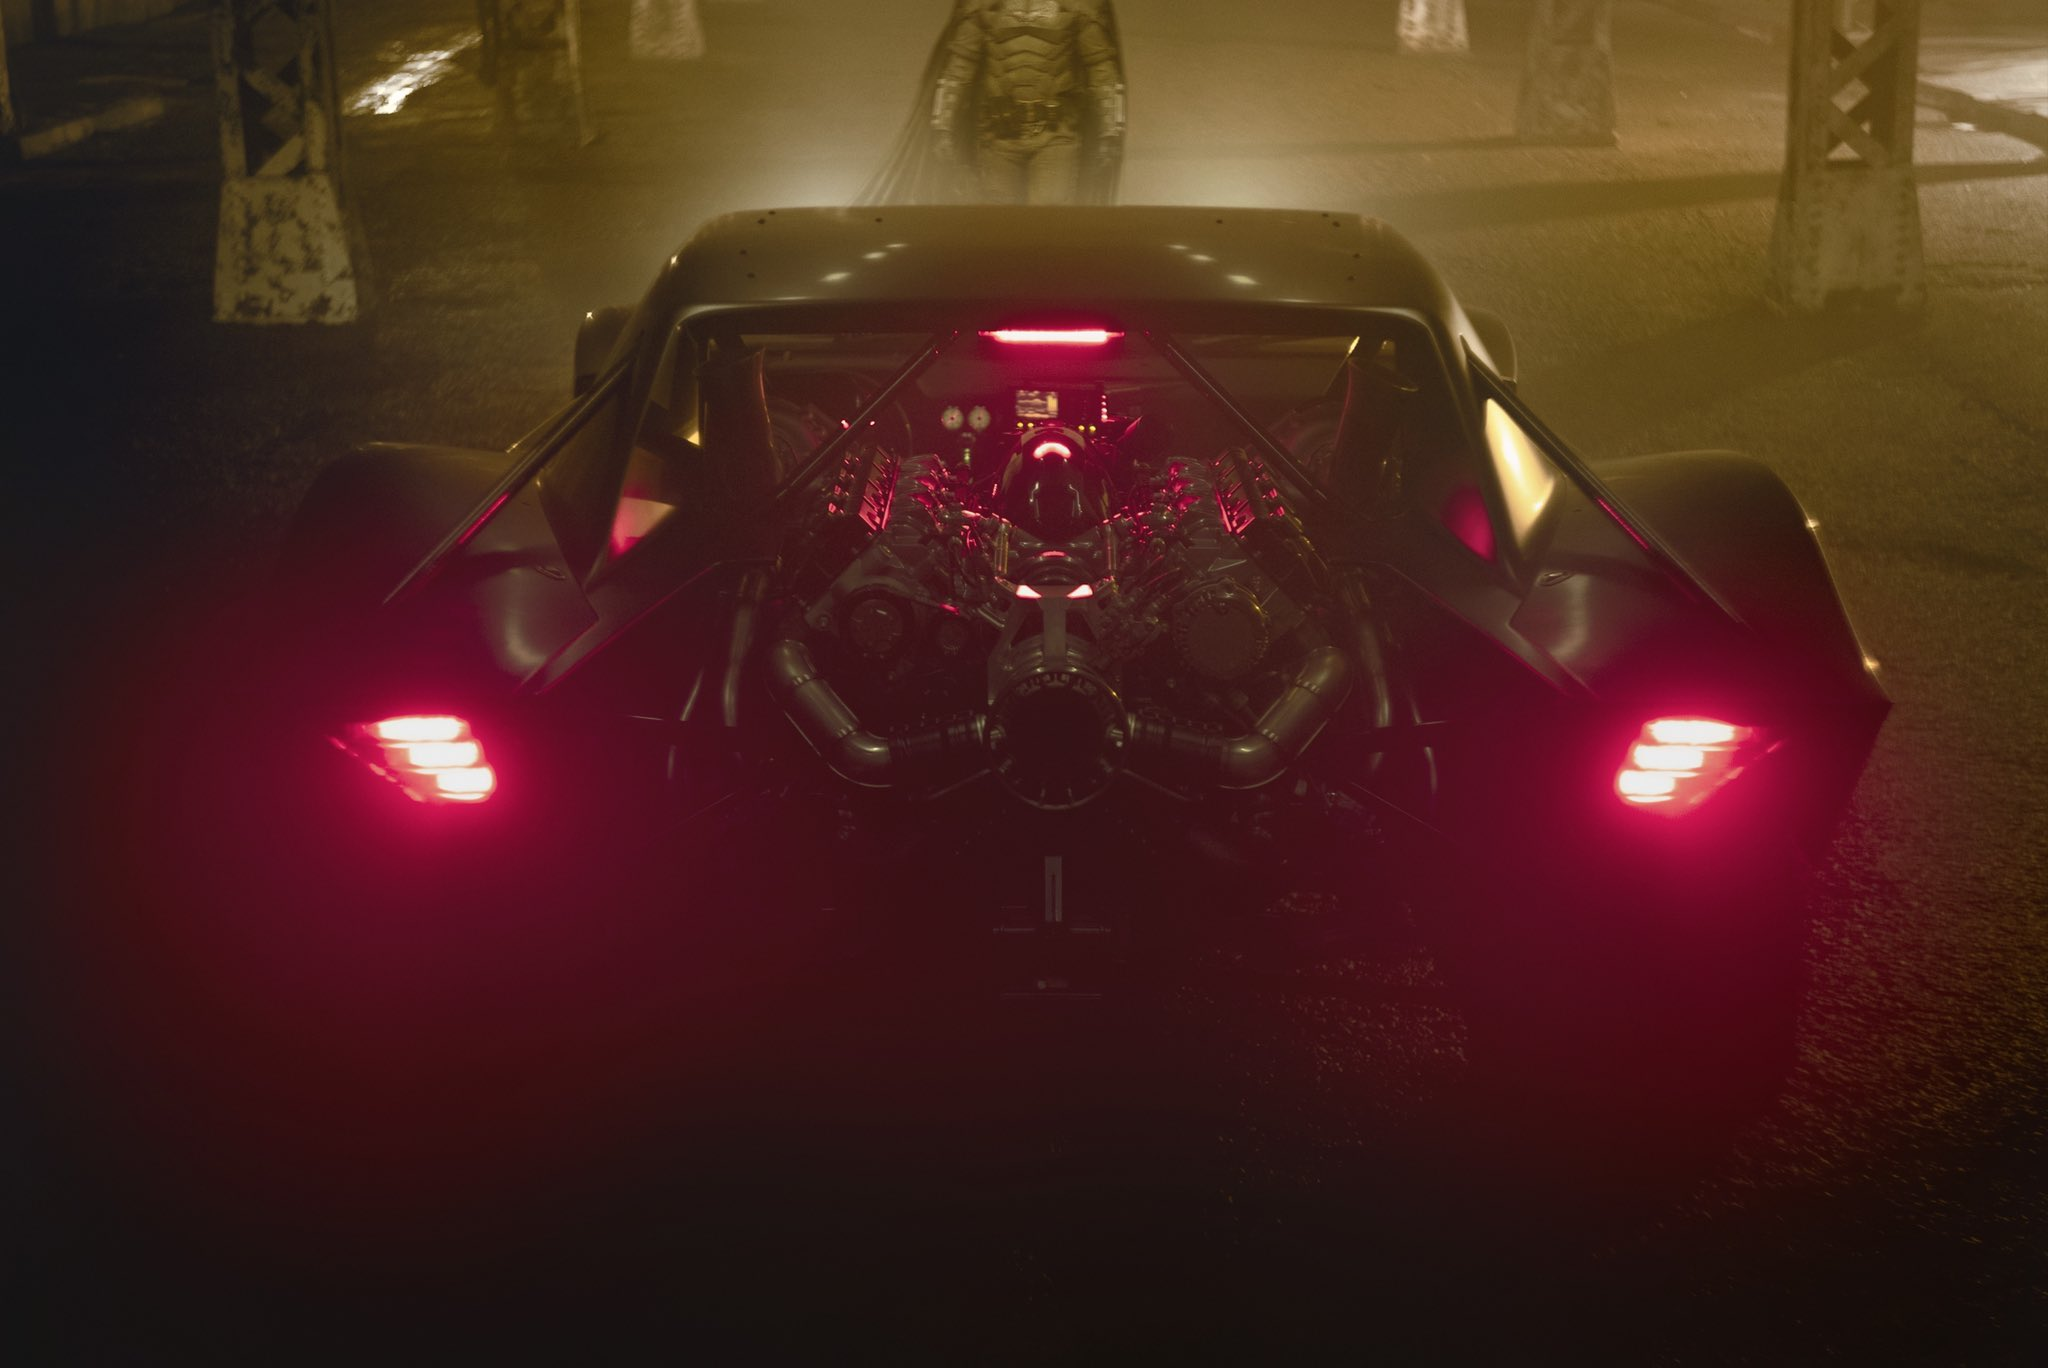 Matt Reeves The Batman Batsuit Batmobile costume car warner bros